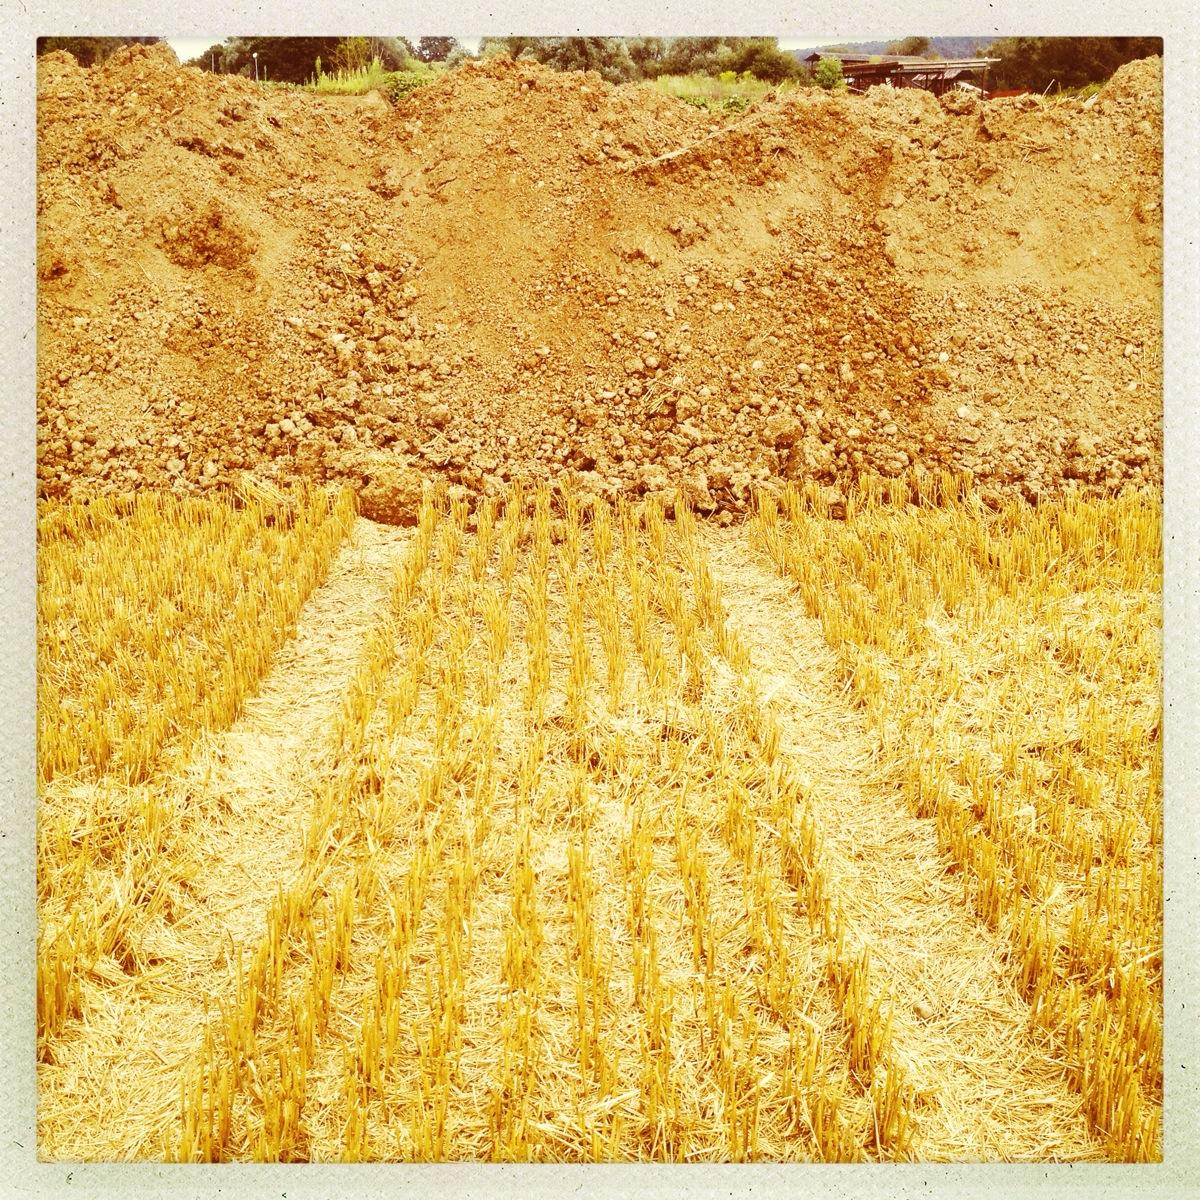 Traktorspur in einem Stopelfeld, auf einen Erdwall zuführend. Quadratische Hipstamatic Aufnahme, gelb, rötlich, erdig, ockerfarben.